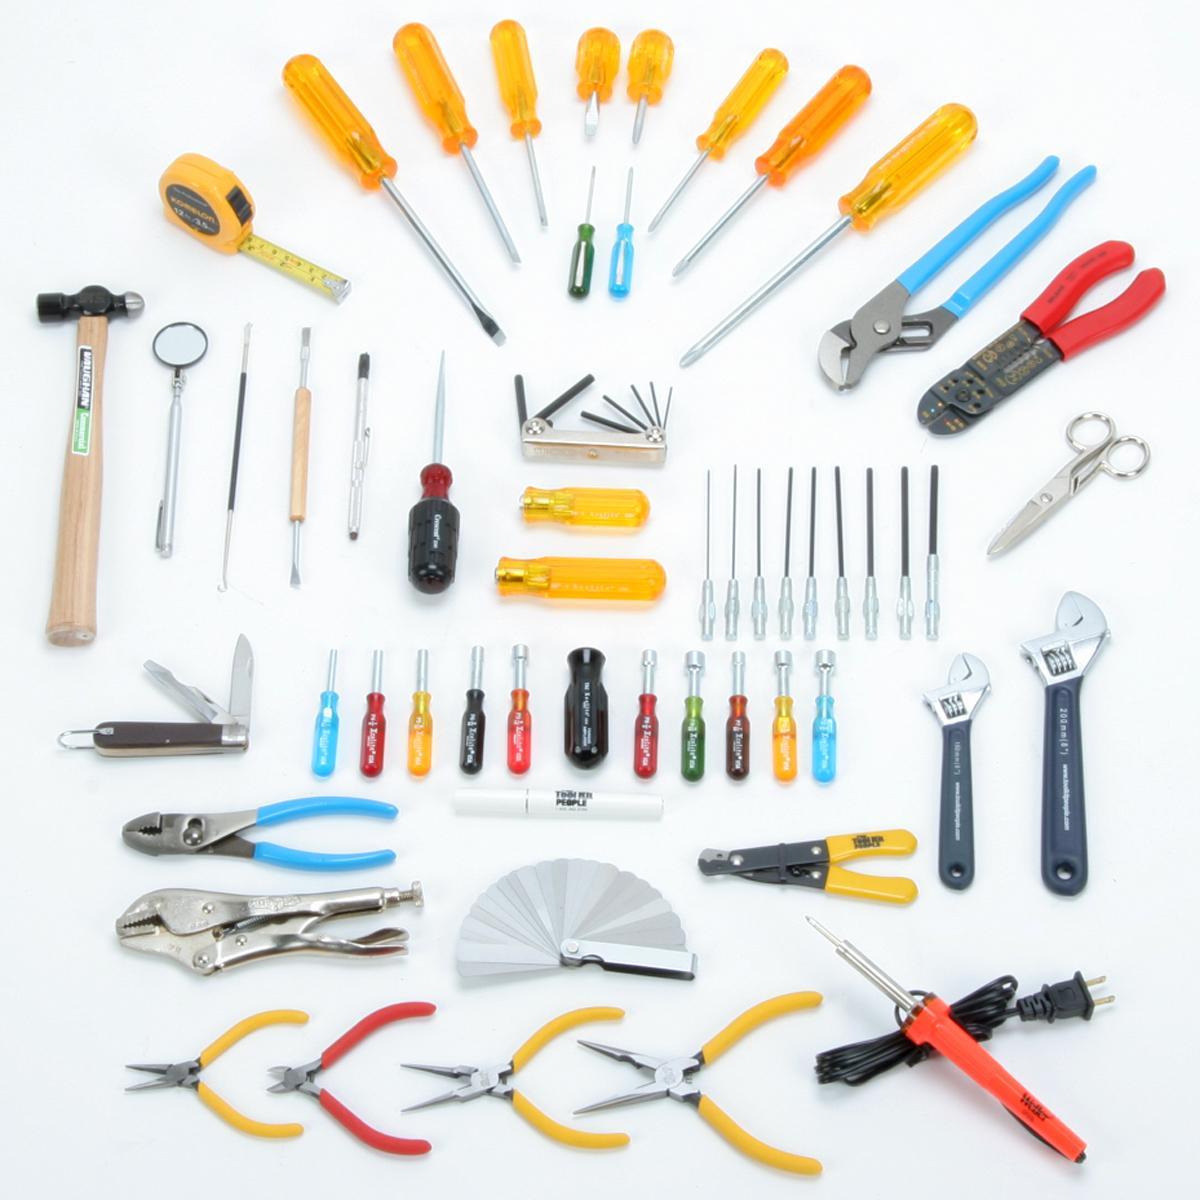 เครื่องมือช่างที่ควรมีติดบ้านไว้ ใช้แก้ปัญหาง่ายๆด้วยตัวเอง